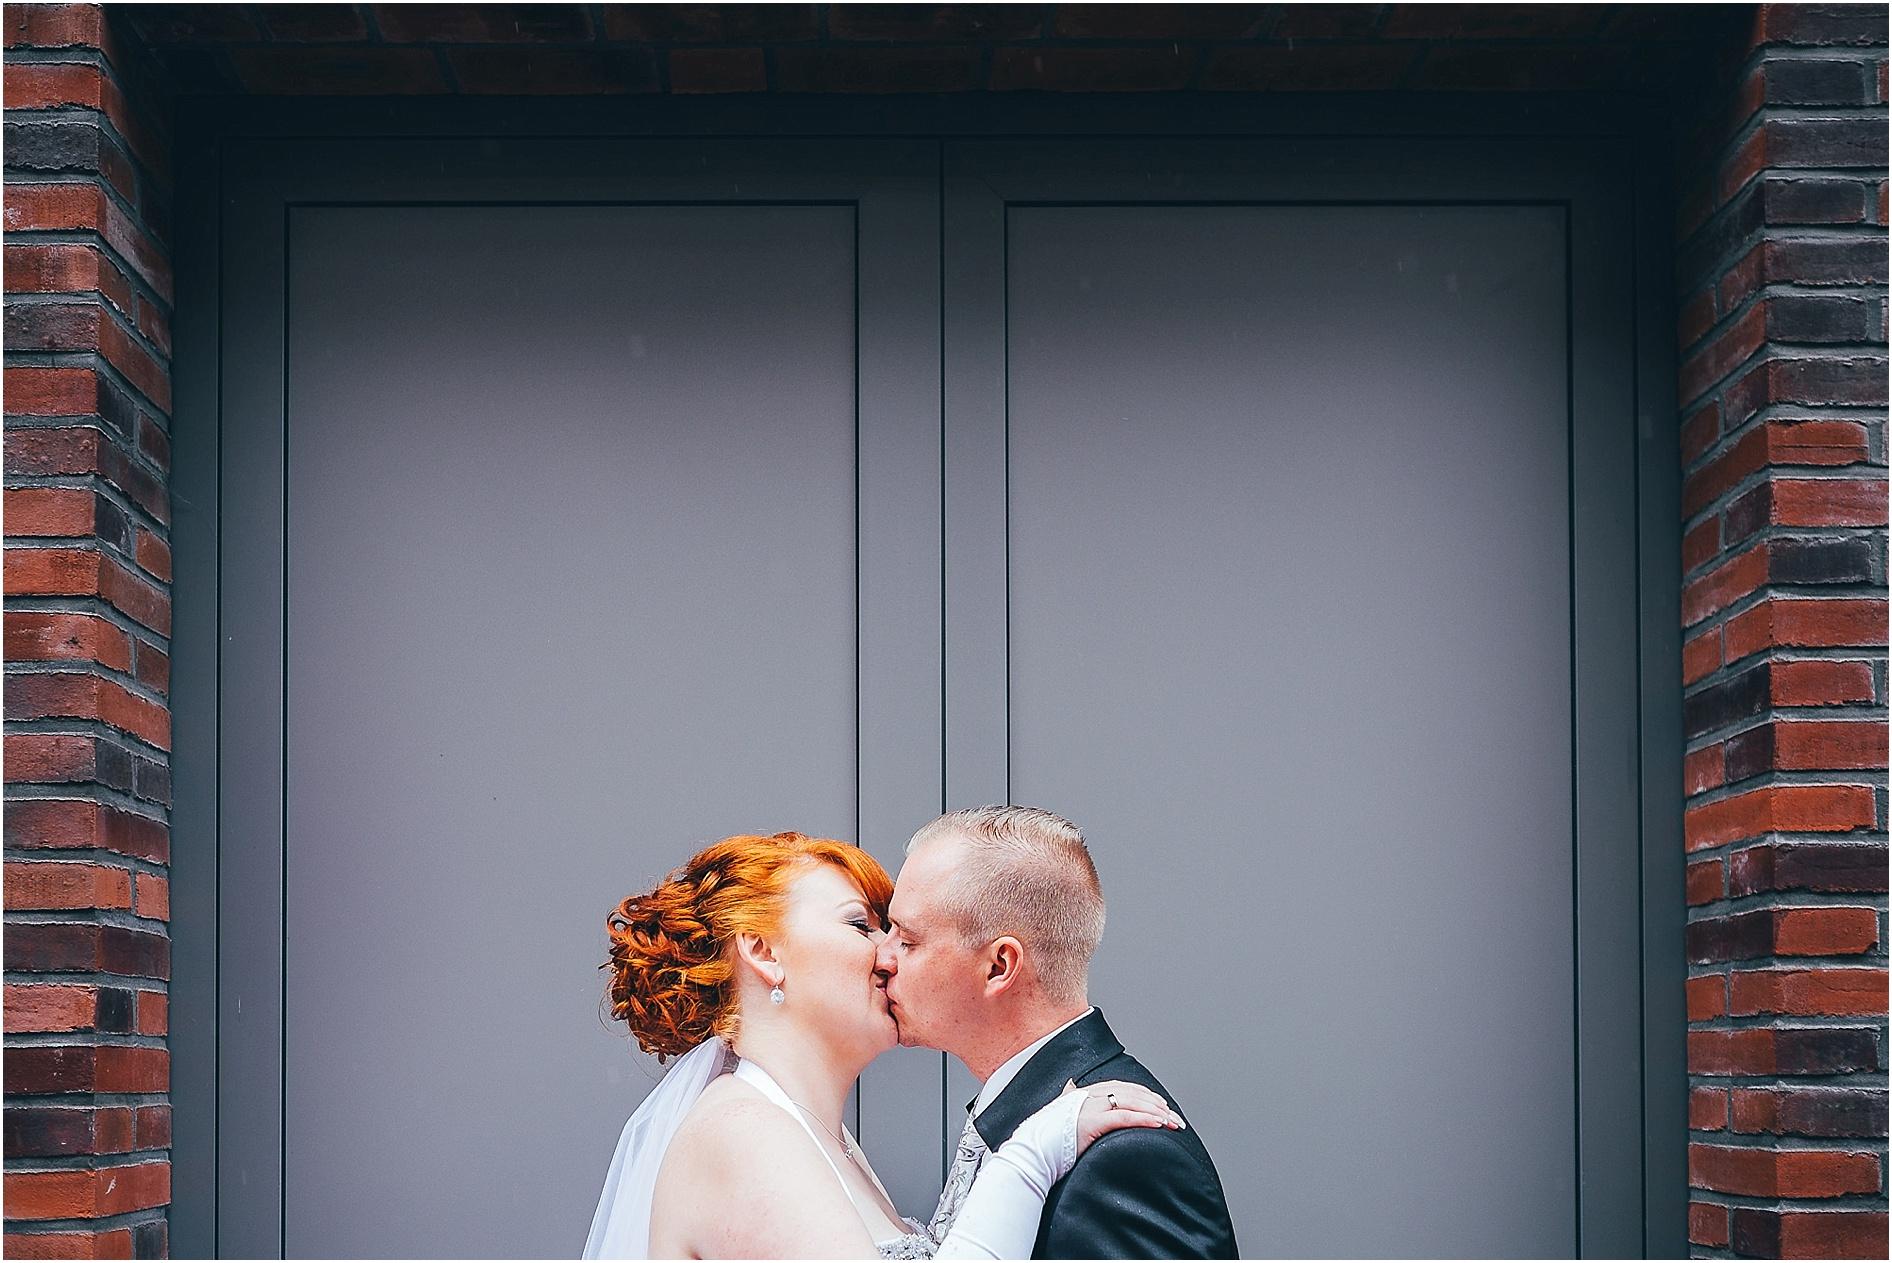 2014-11-20_0072 Lora & Daniel - Als Hochzeitsfotograf in Lüneburg